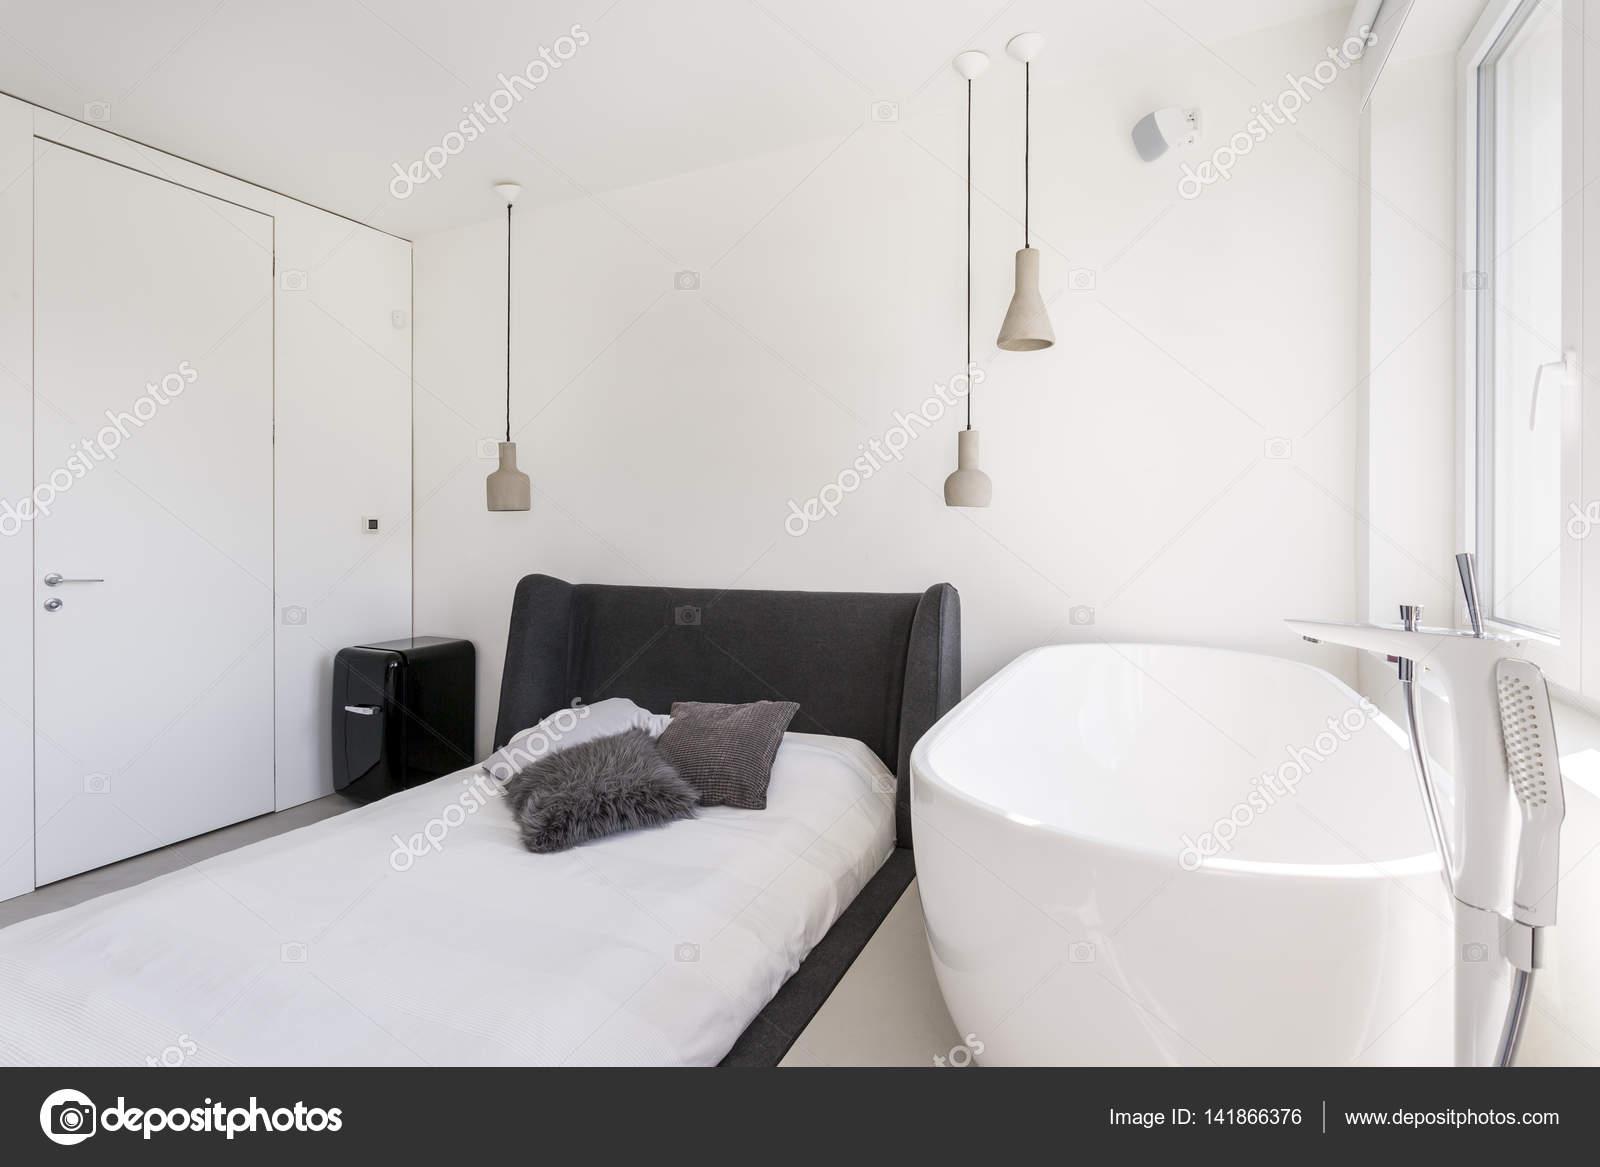 Ascetica camera da letto con vasca da bagno ovale — Foto Stock ...